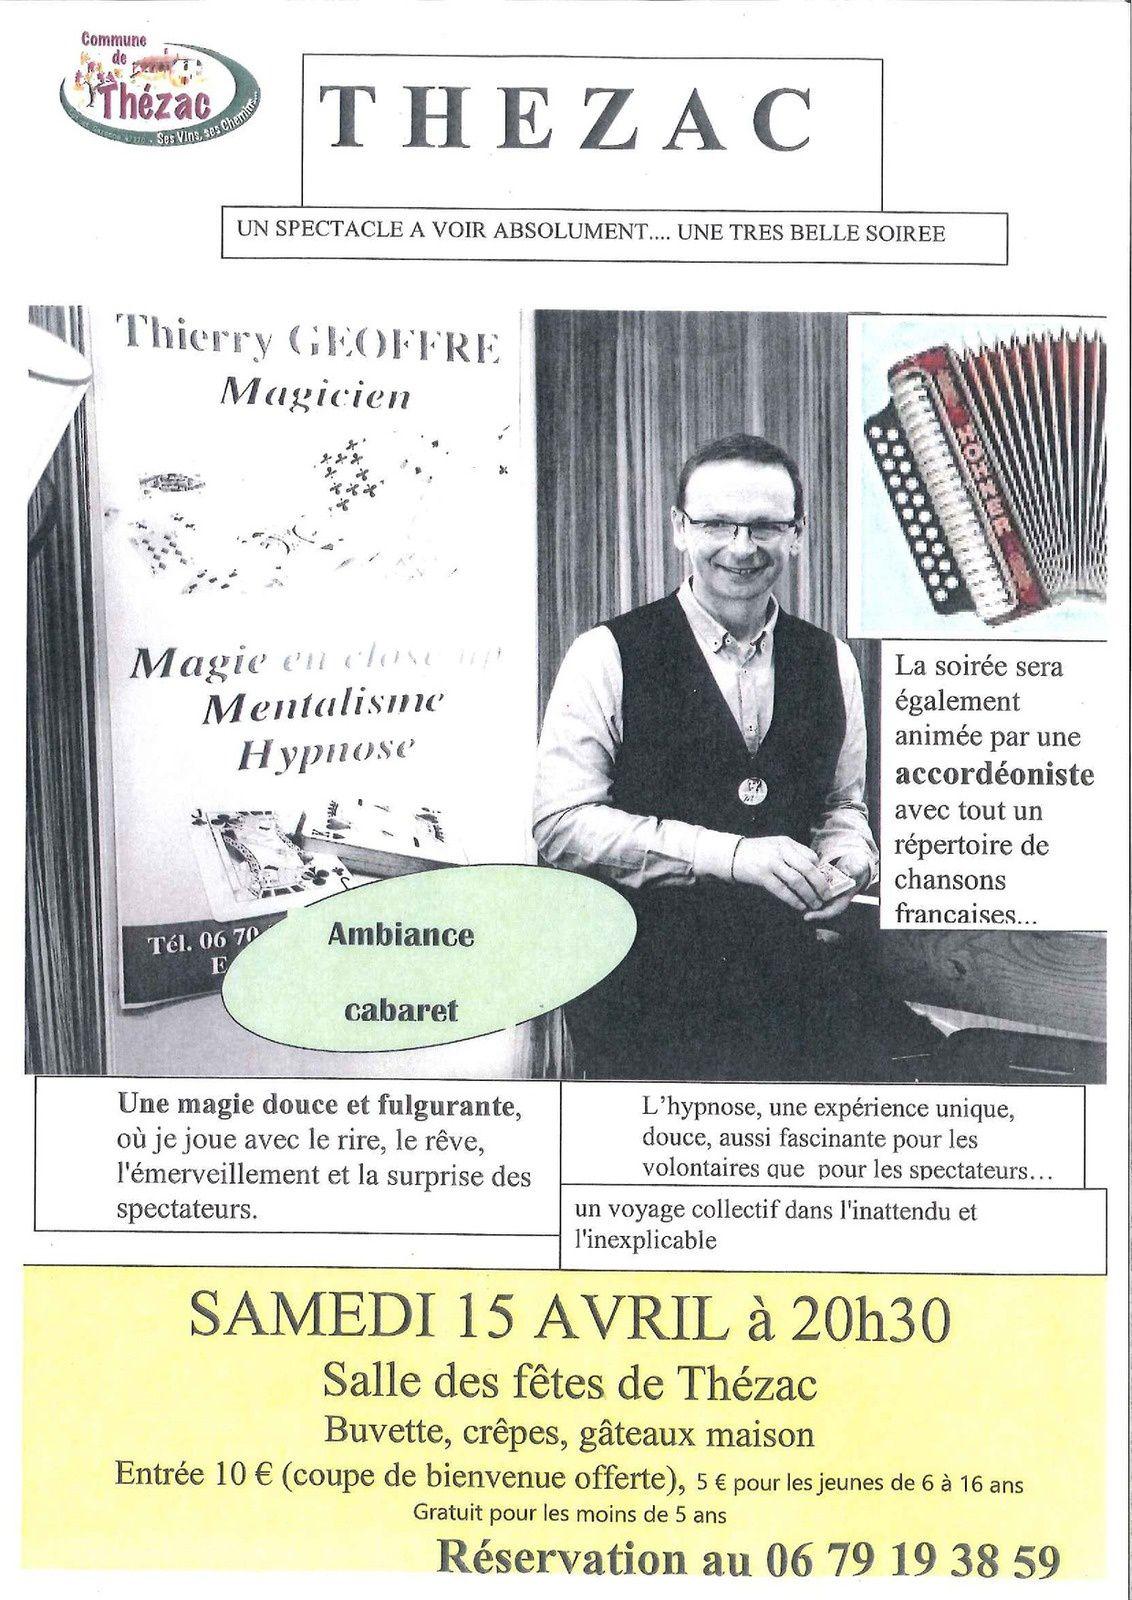 Thézac : Un spectacle magique à la salle des fêtes